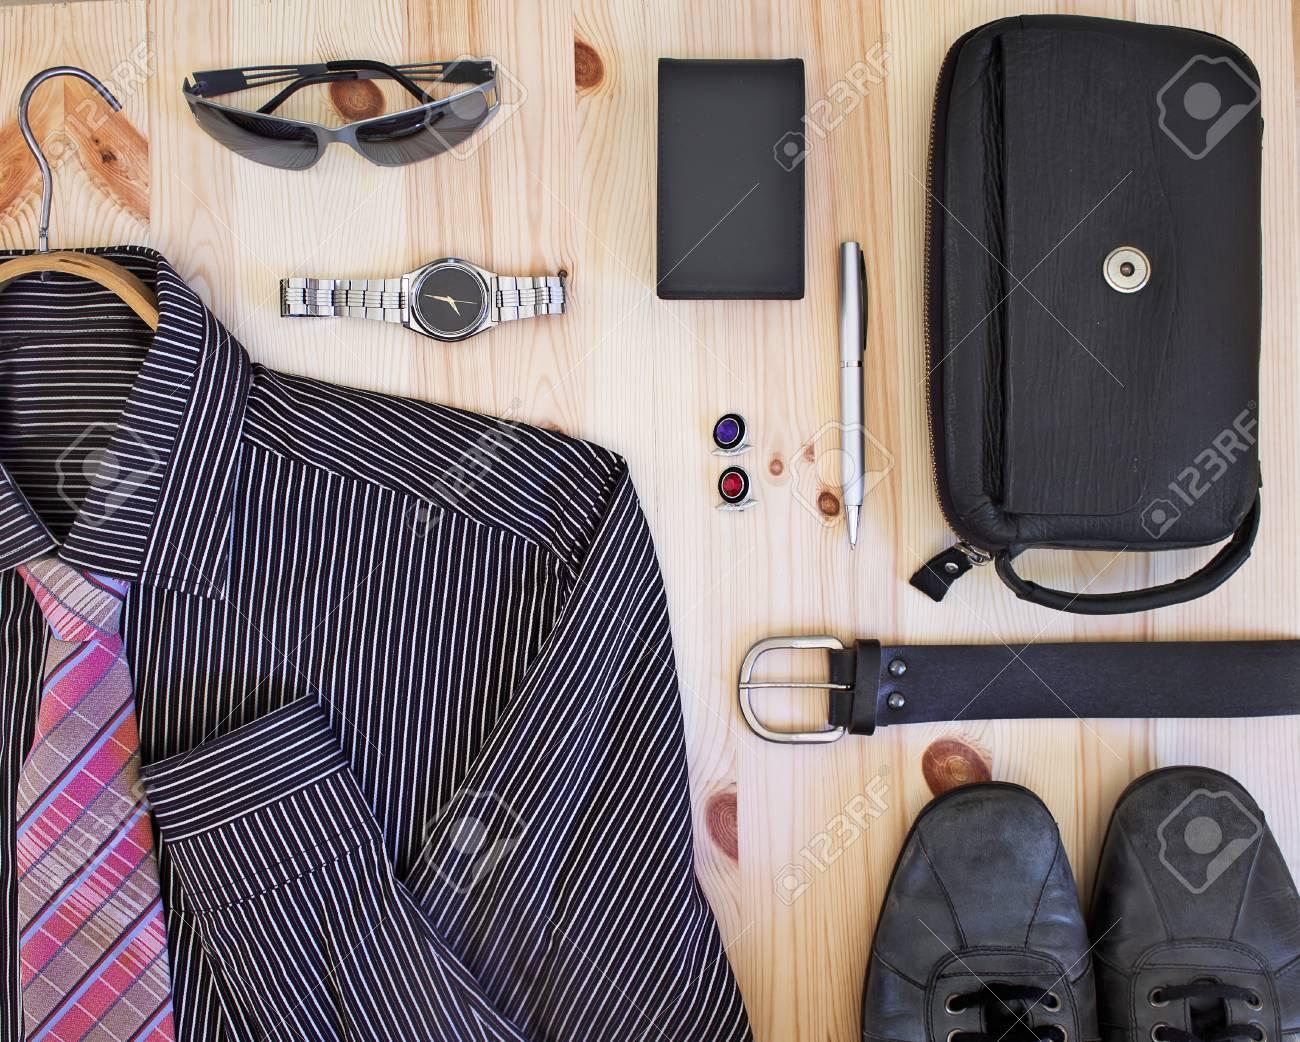 Conjunto de ropa y accesorios para hombres. Foto de archivo , 29903067